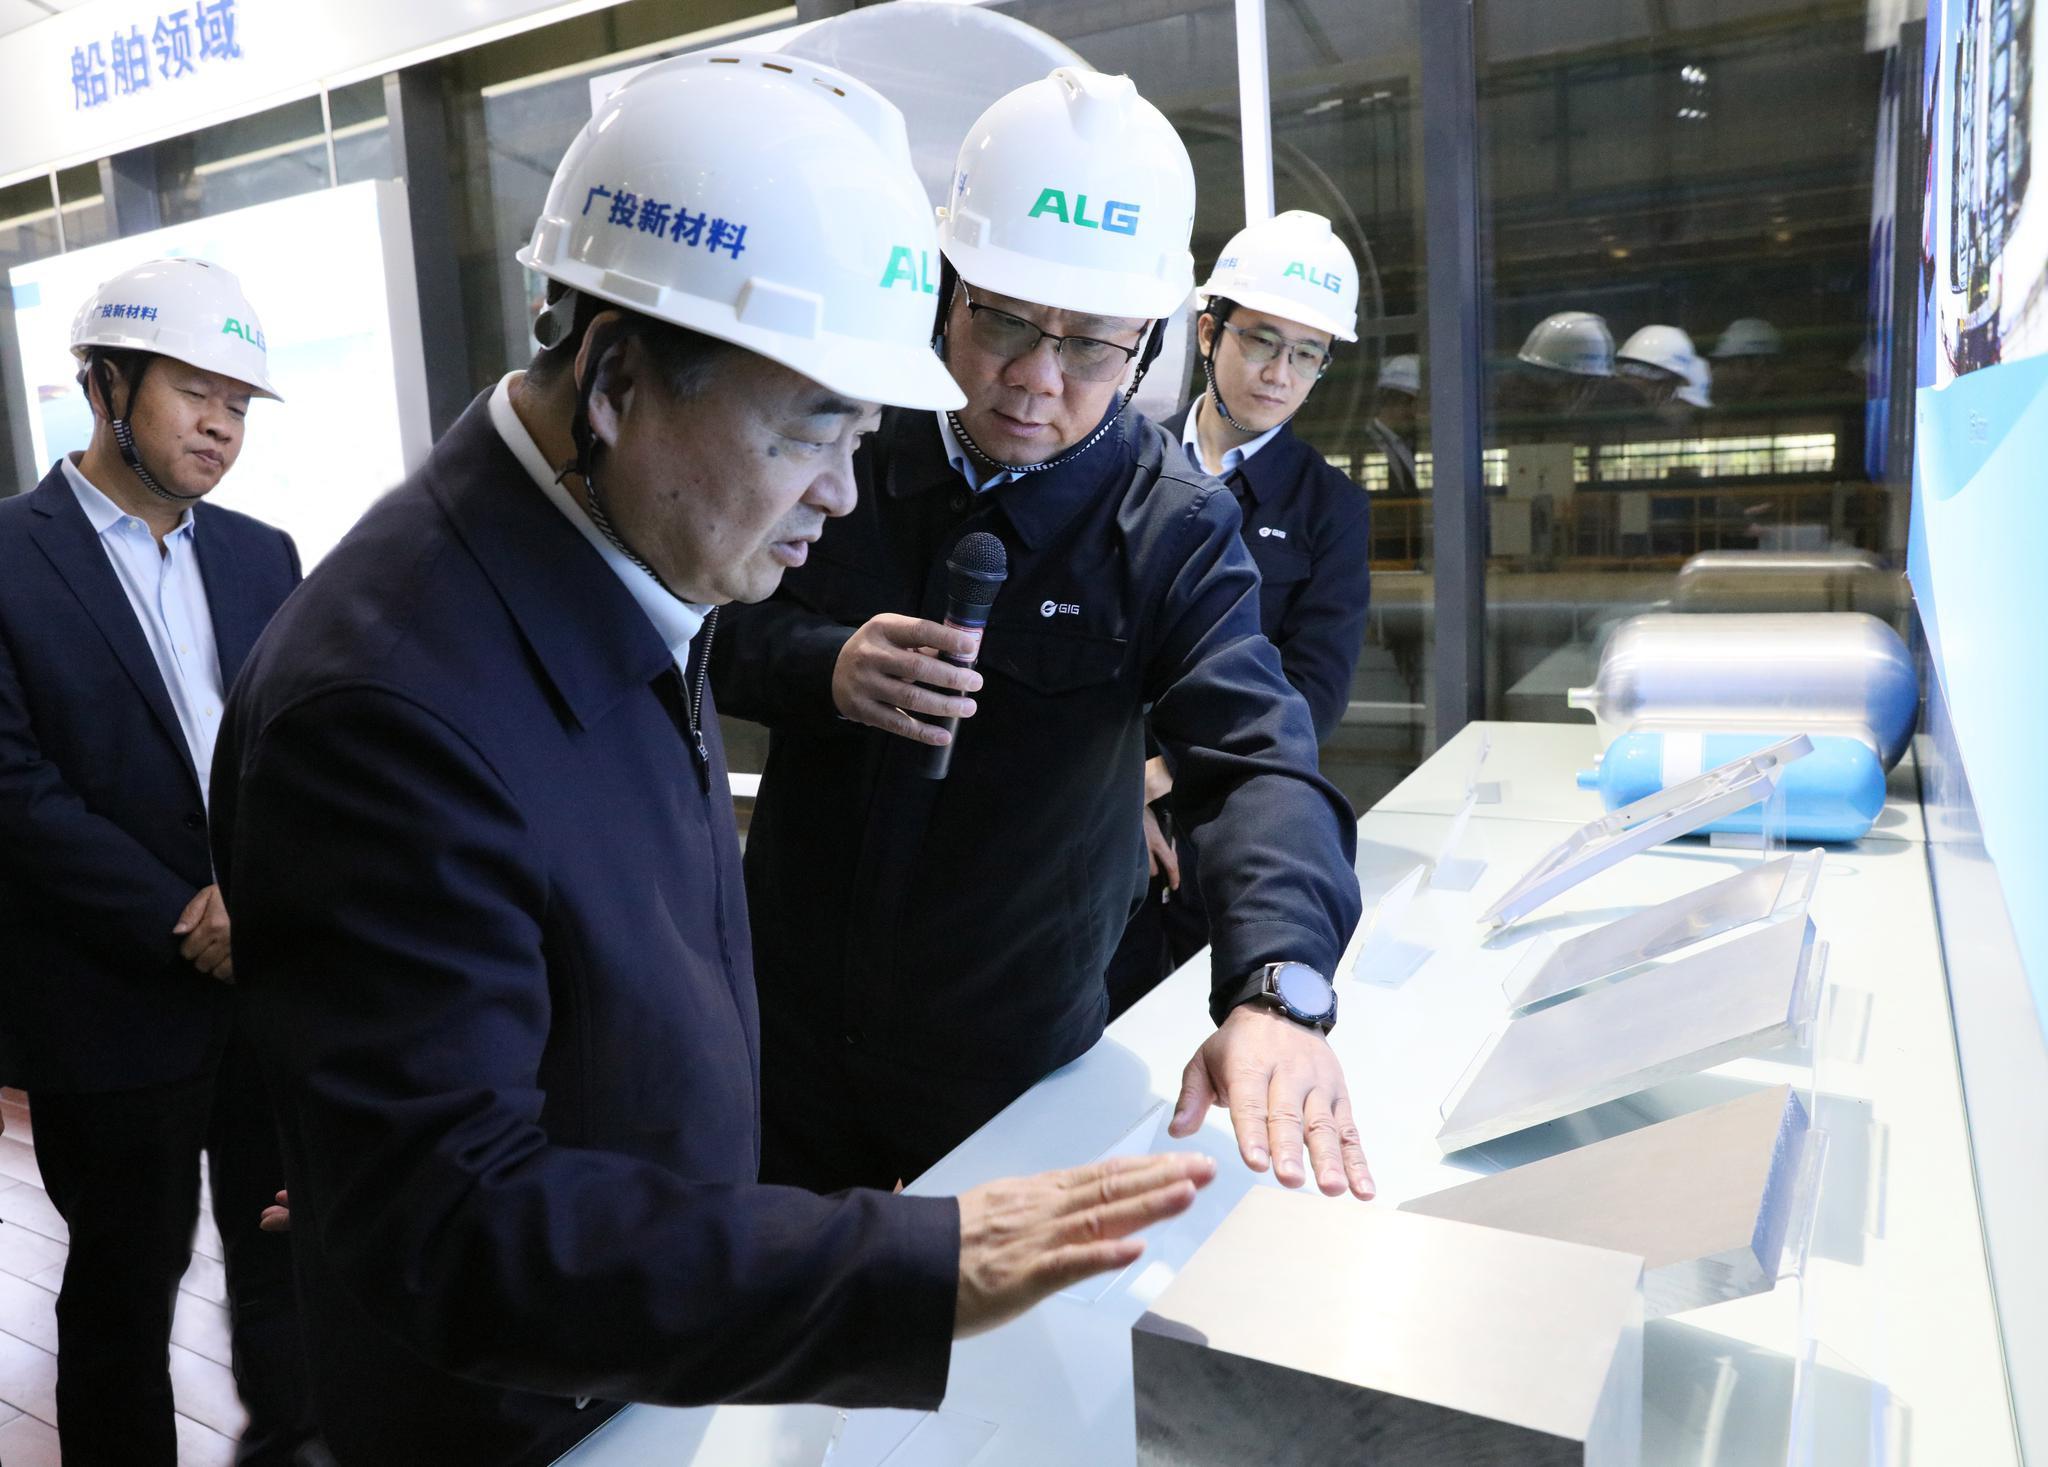 国务院国资委主任赴广西调研:积极稳妥推进混合所有制改革